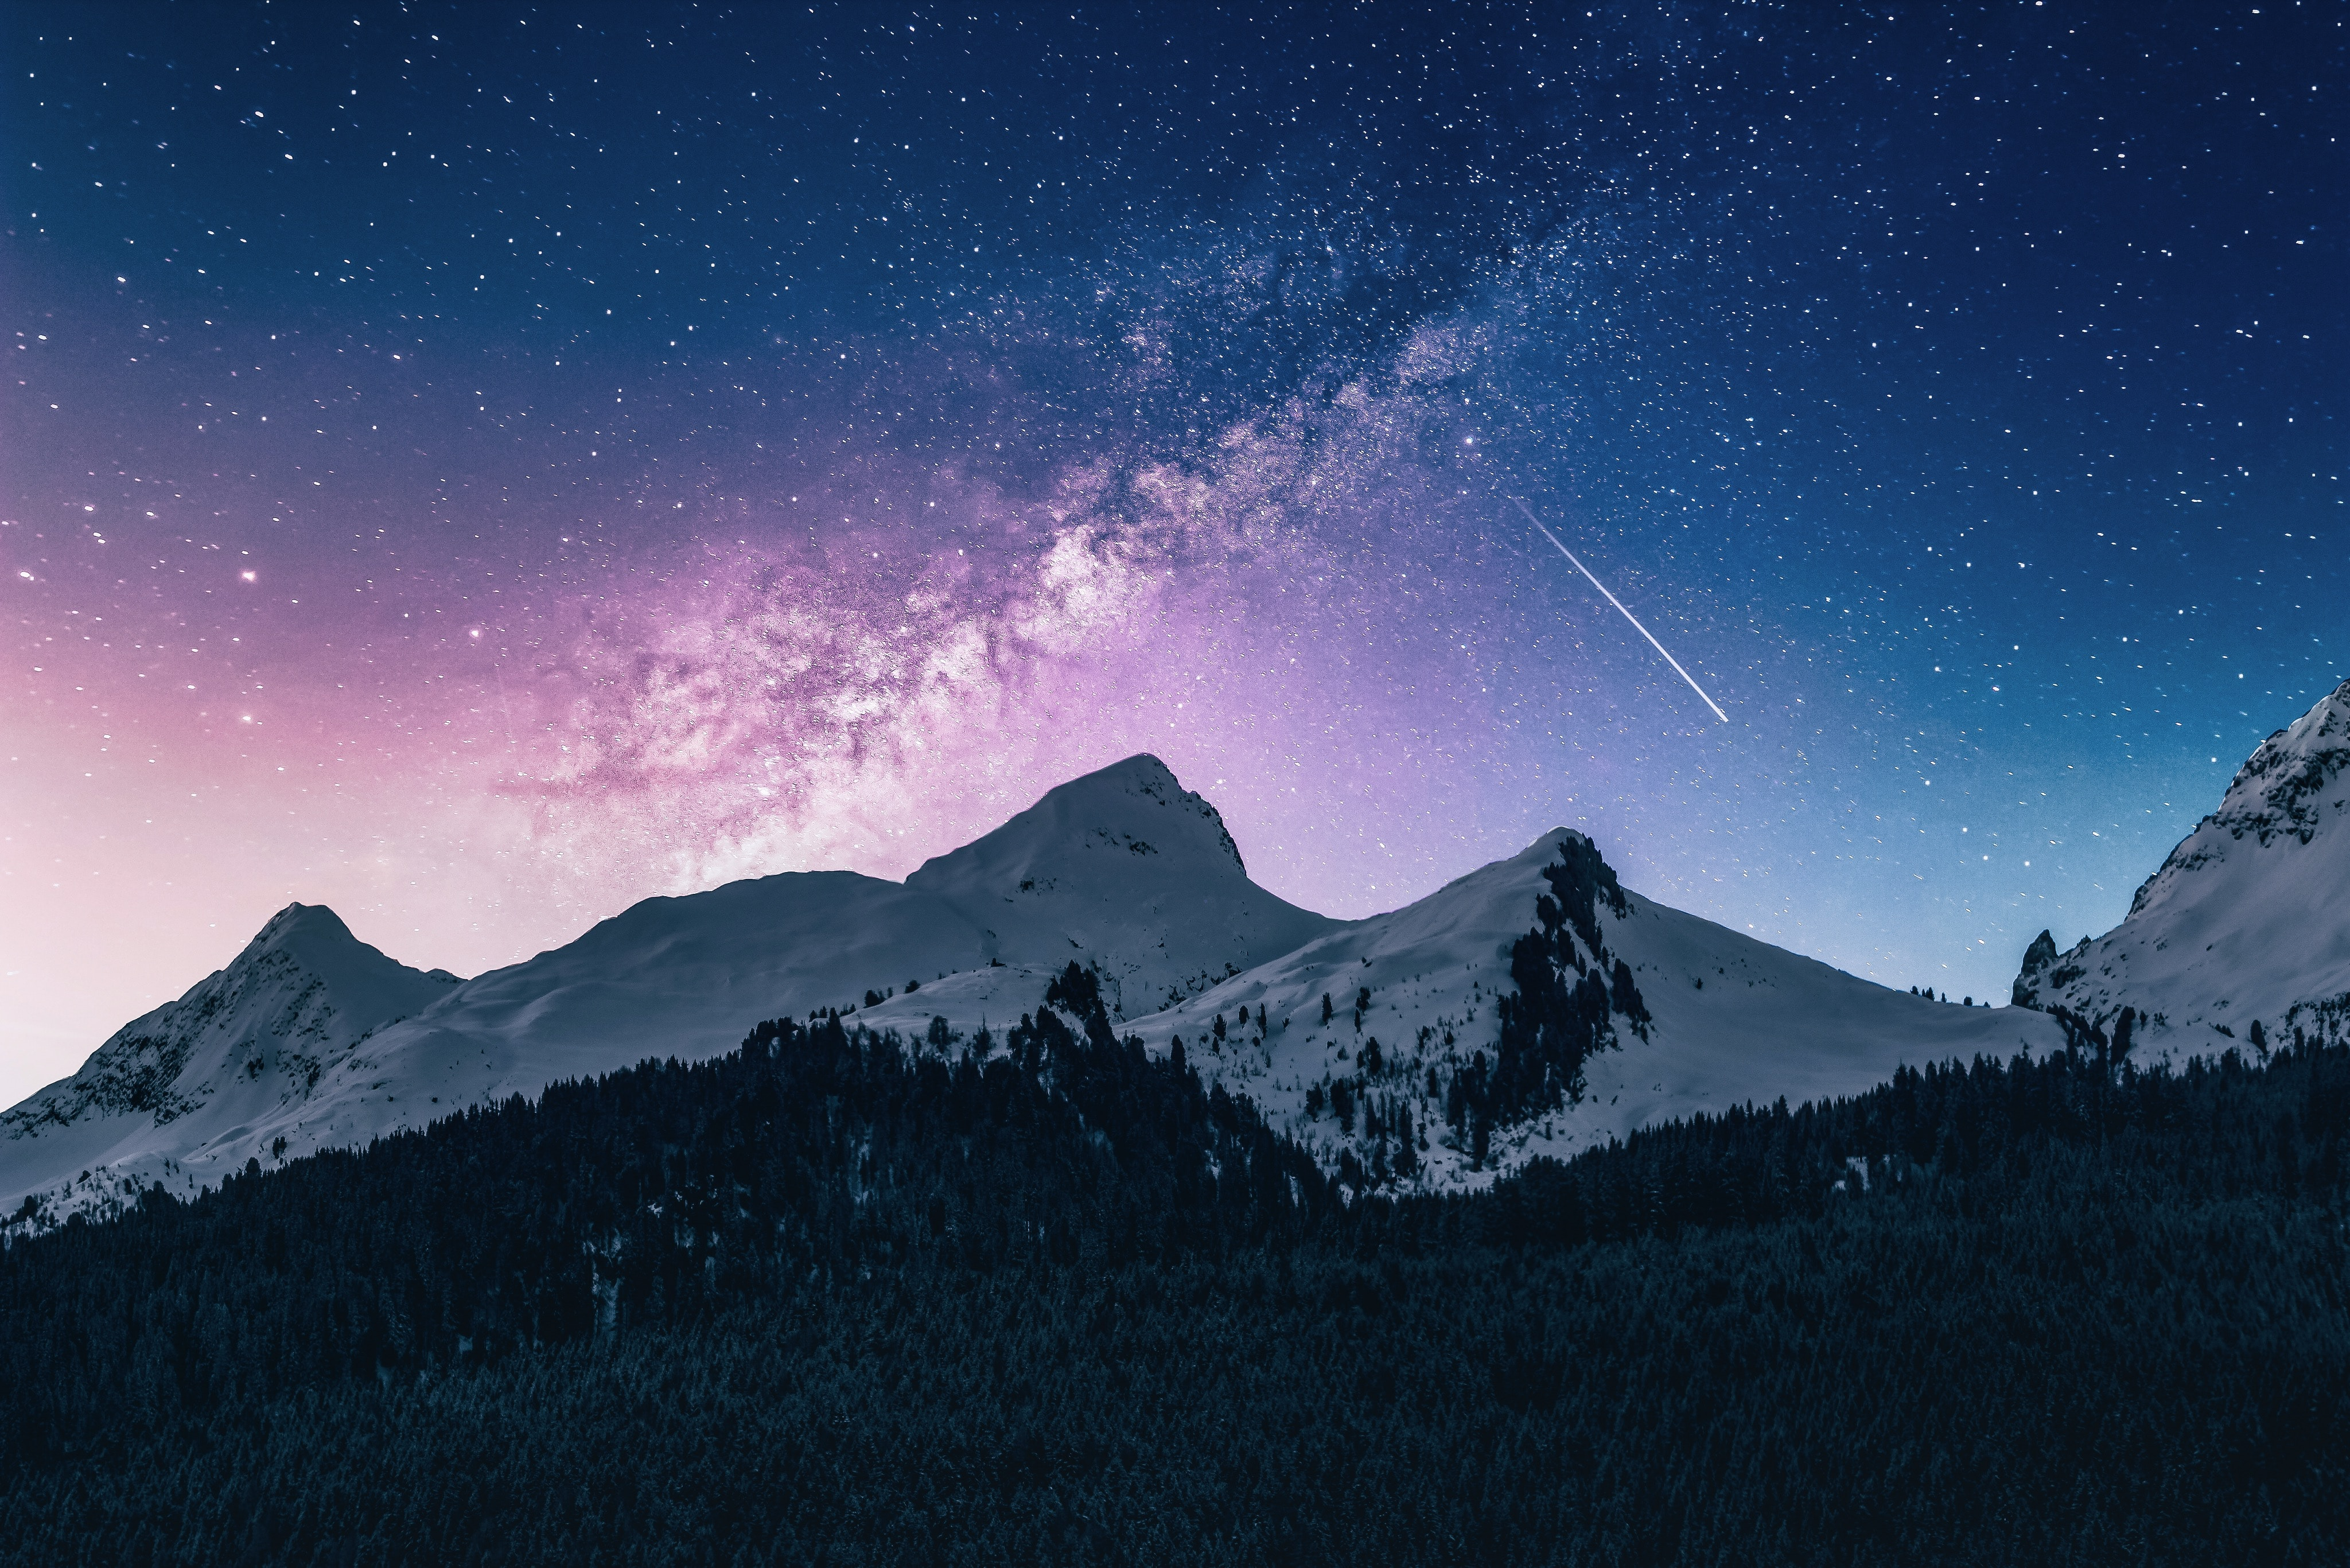 Ein Komet ist am Nachthimmel über den Bergen zu sehen.